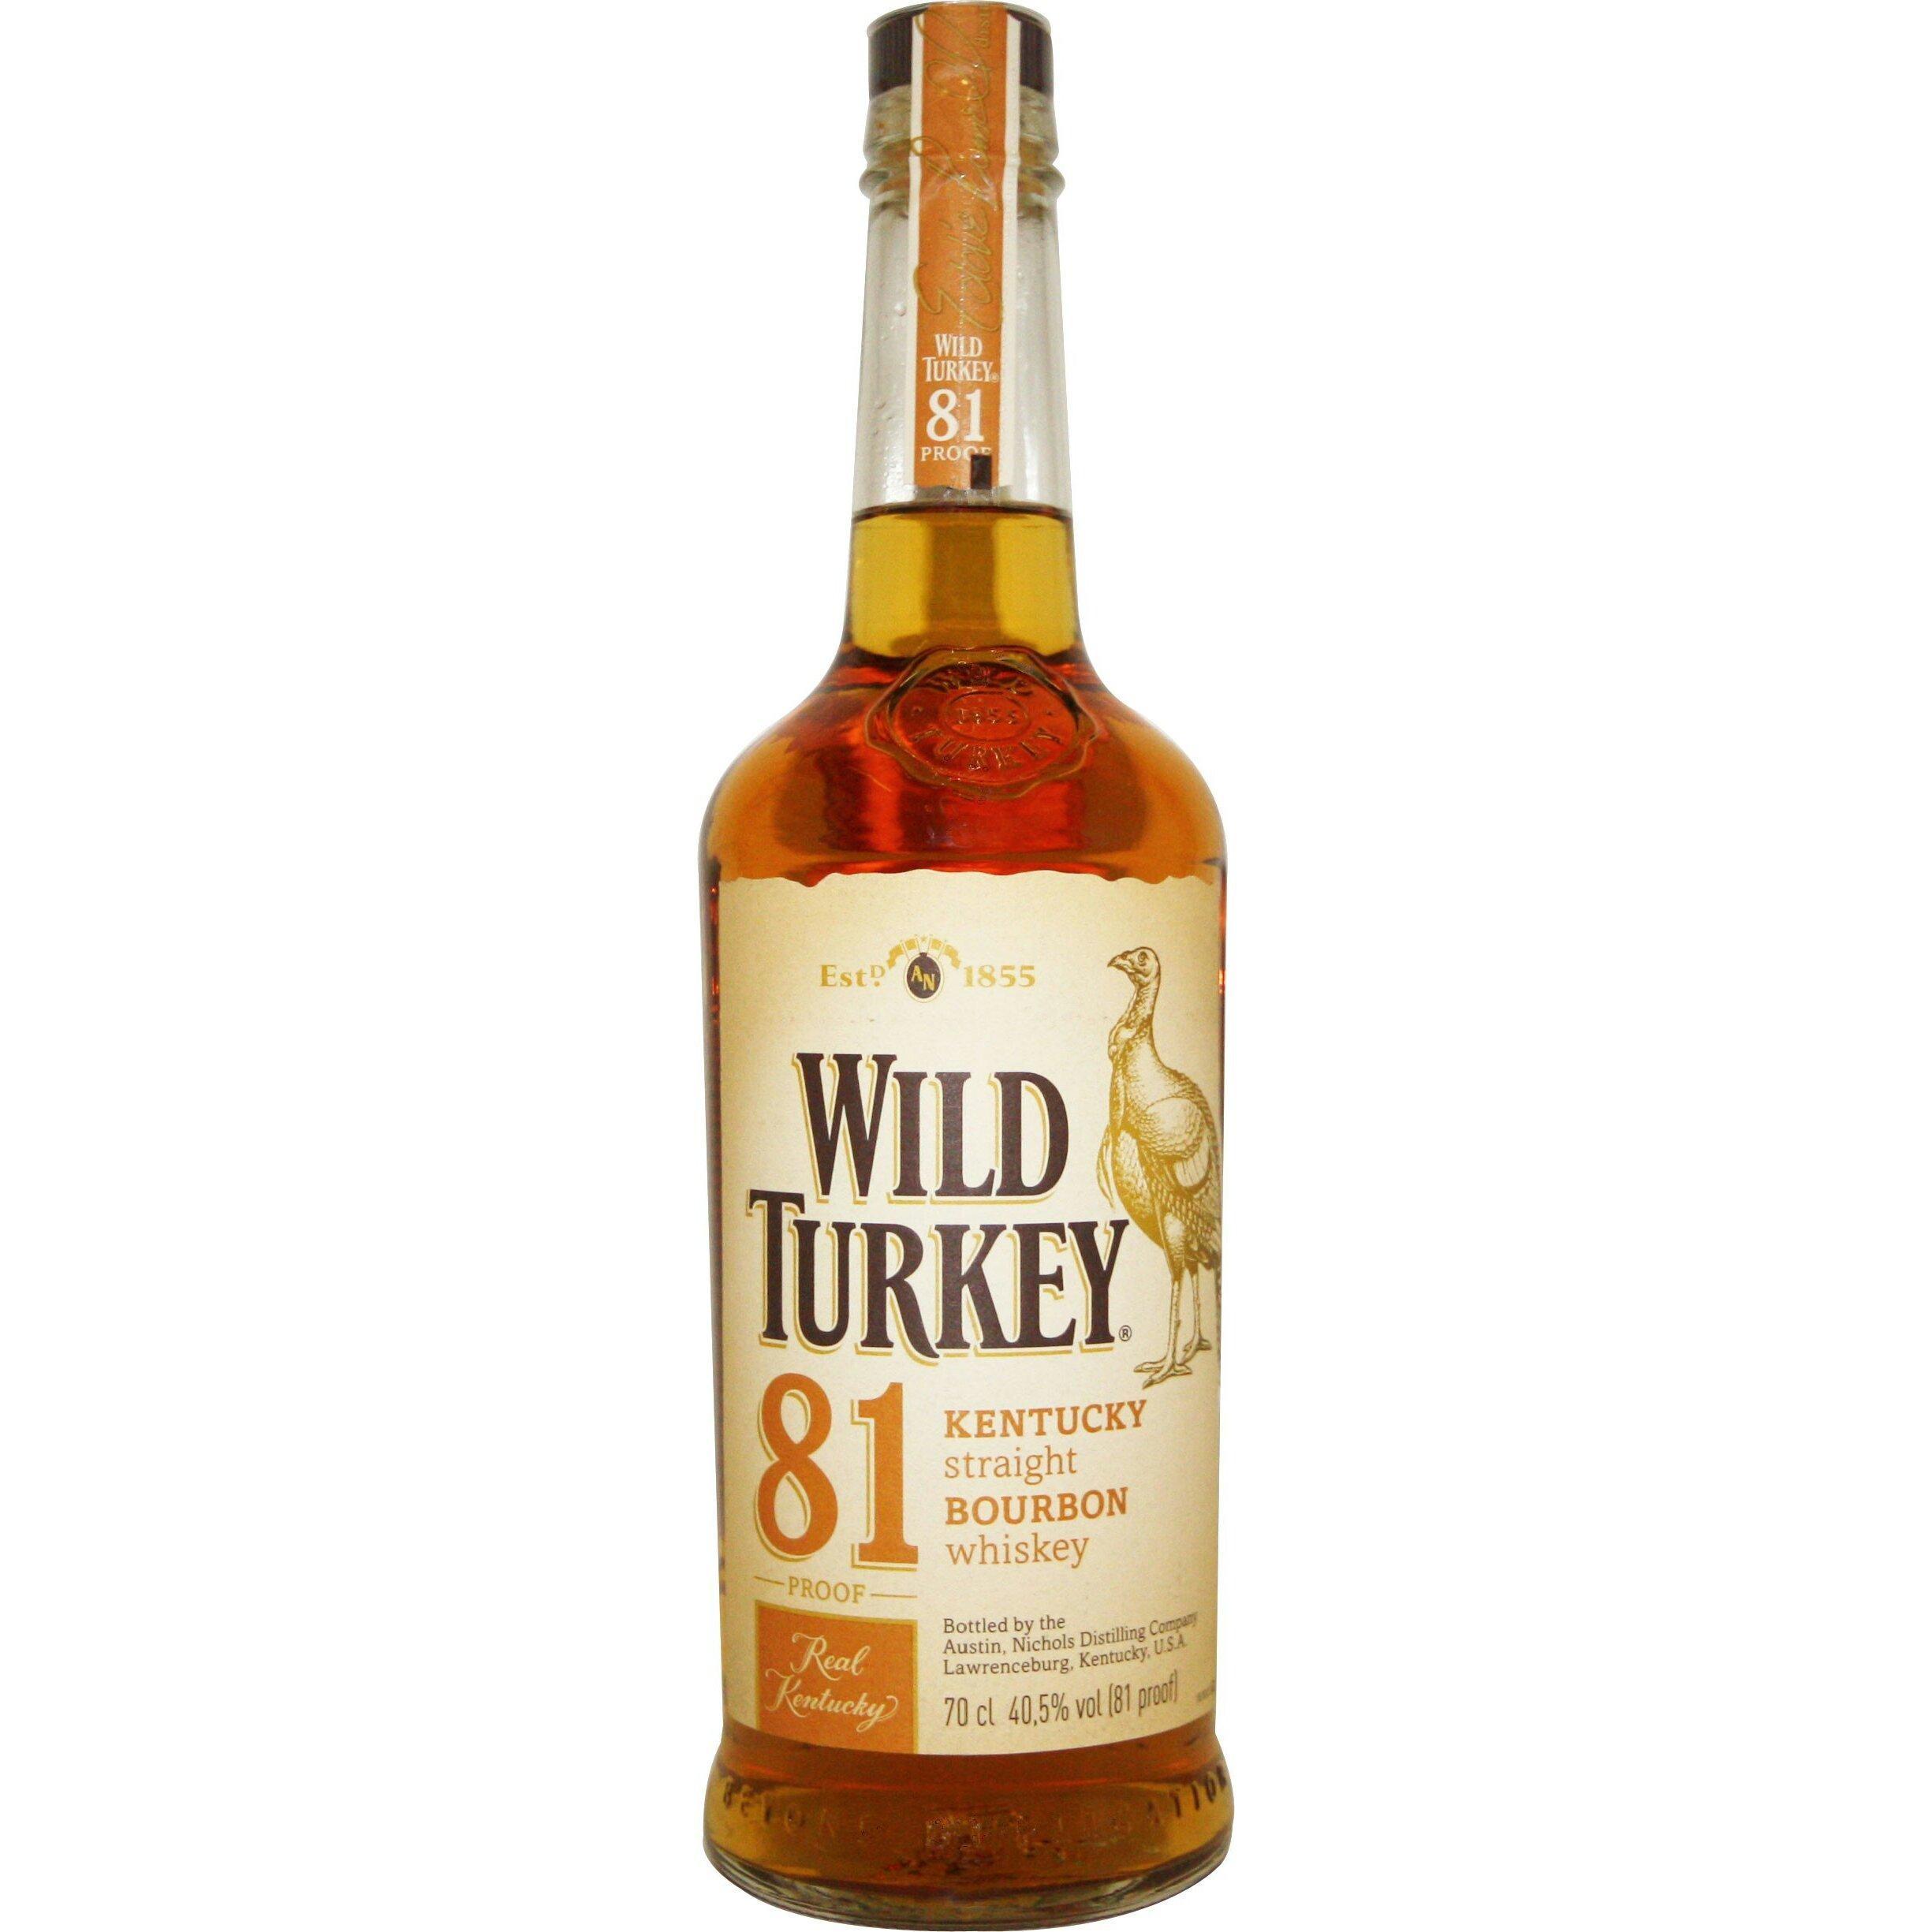 Wild Turkey 81 Proof 70cl 40.5% Kentucky Straight Bourbon Whiskey